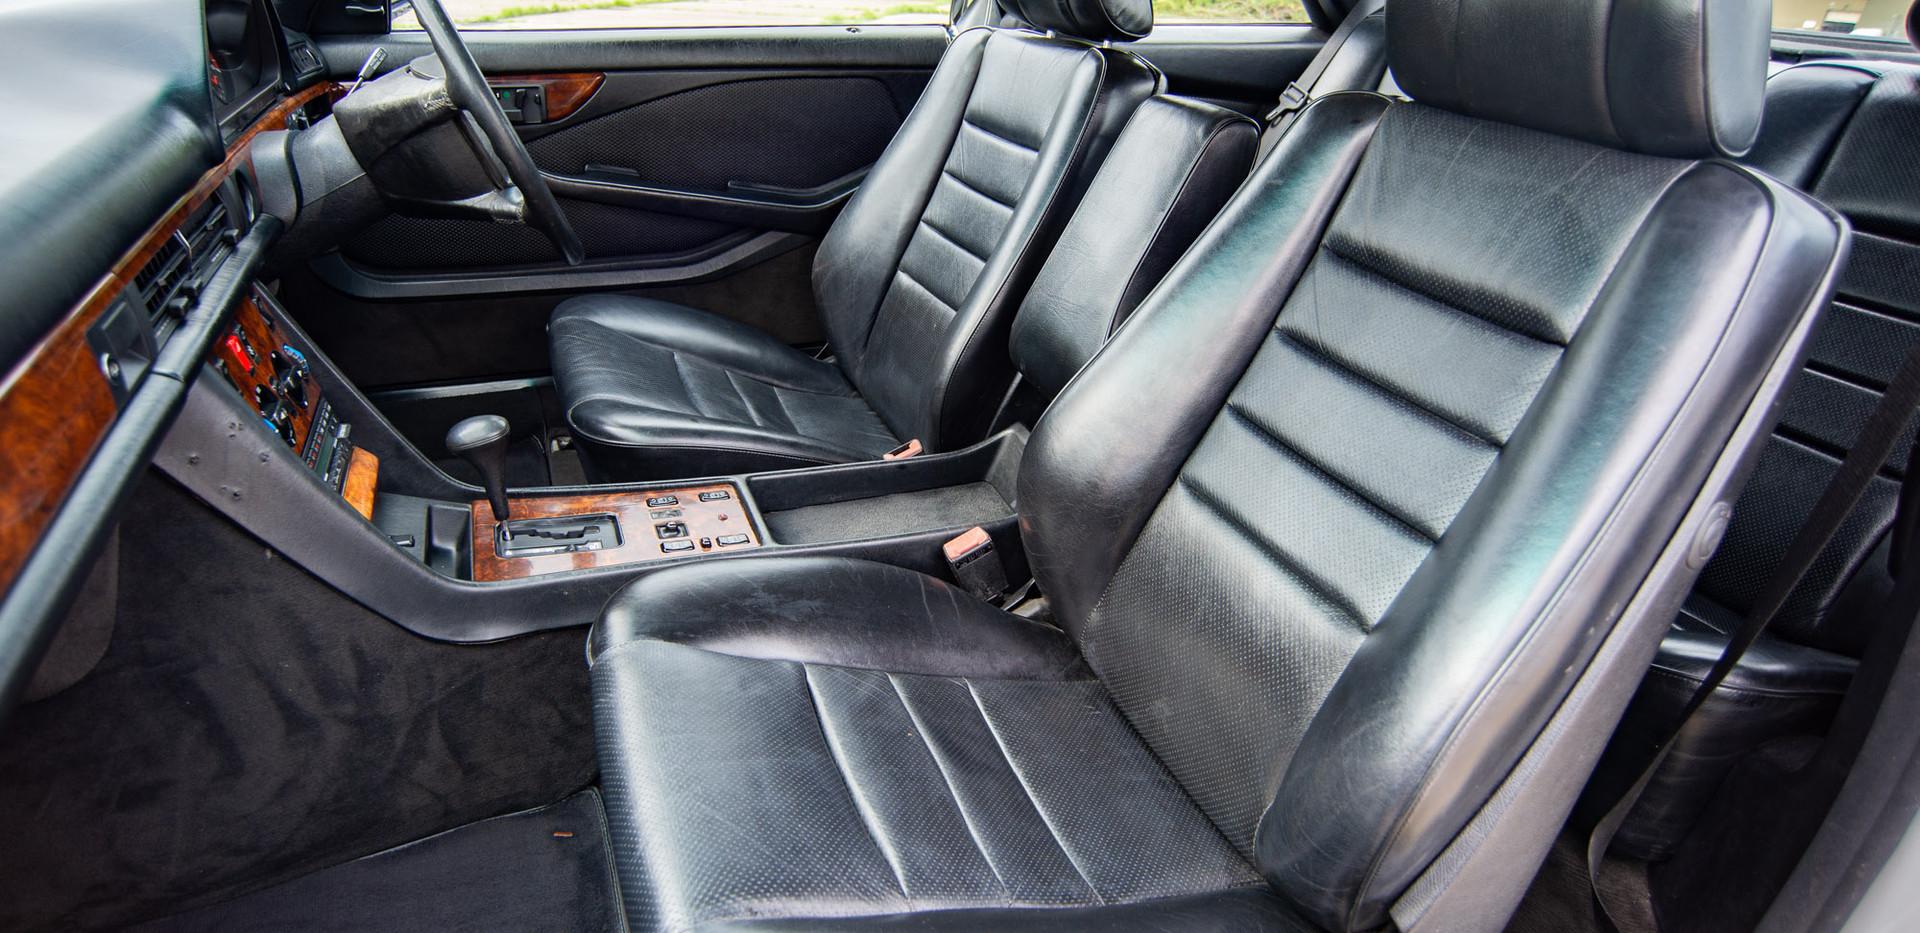 W126 420SEC - Uk for sale london-36.jpg